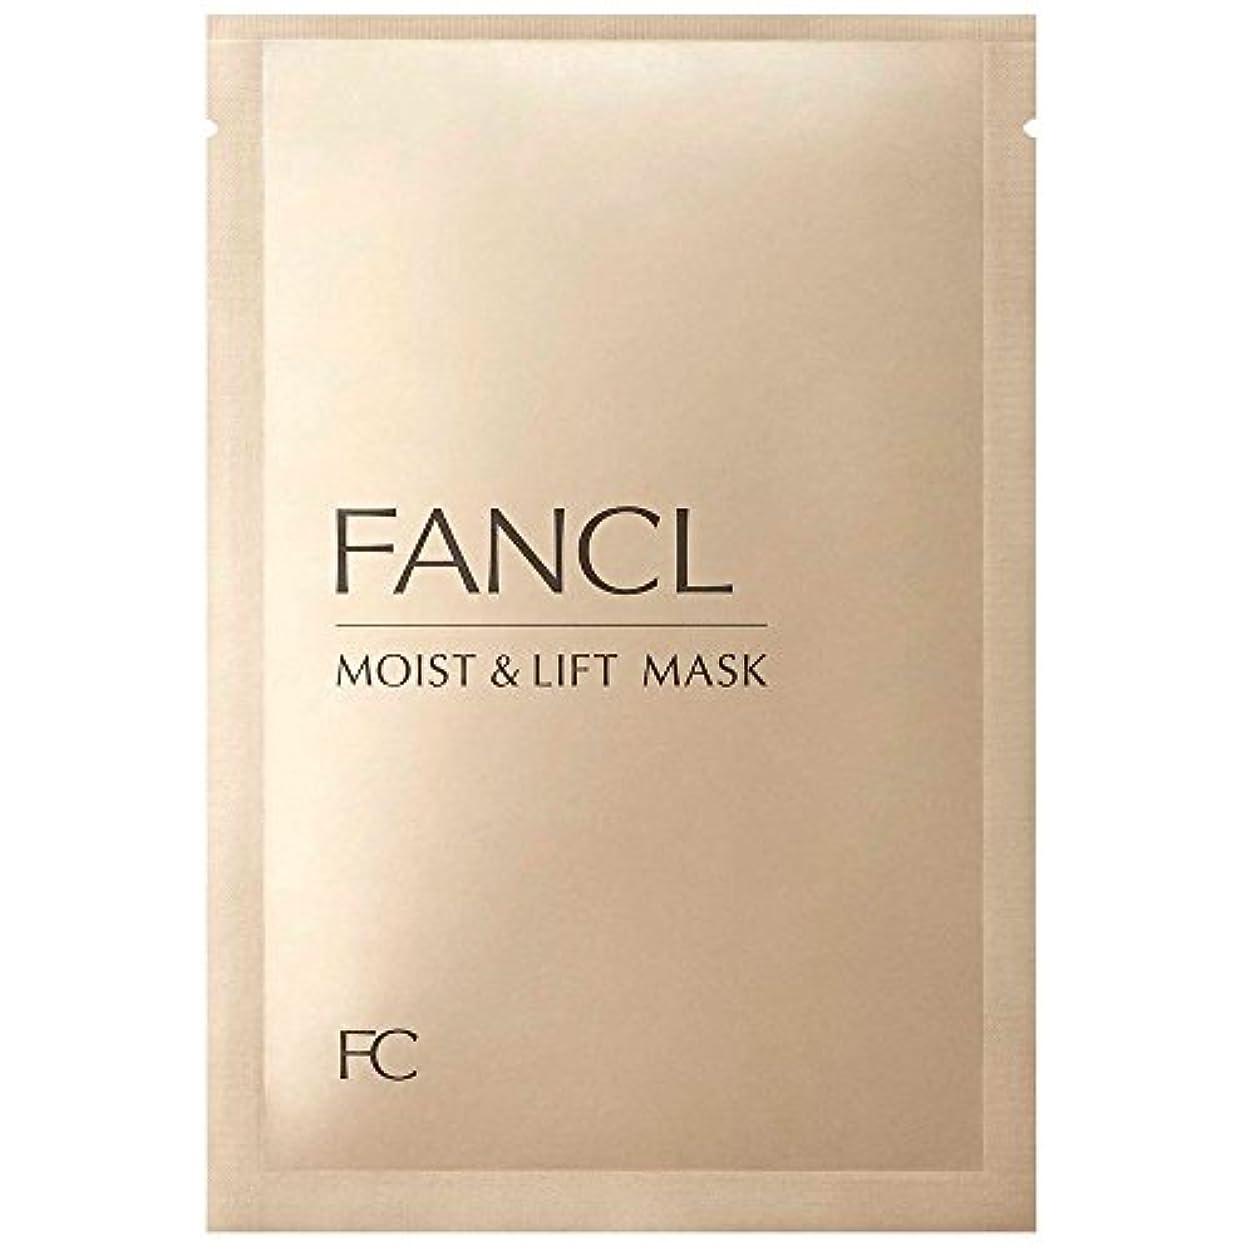 発揮する温度計散るファンケル(FANCL) モイスト&リフトマスク(M&L マスク)28mL×6枚